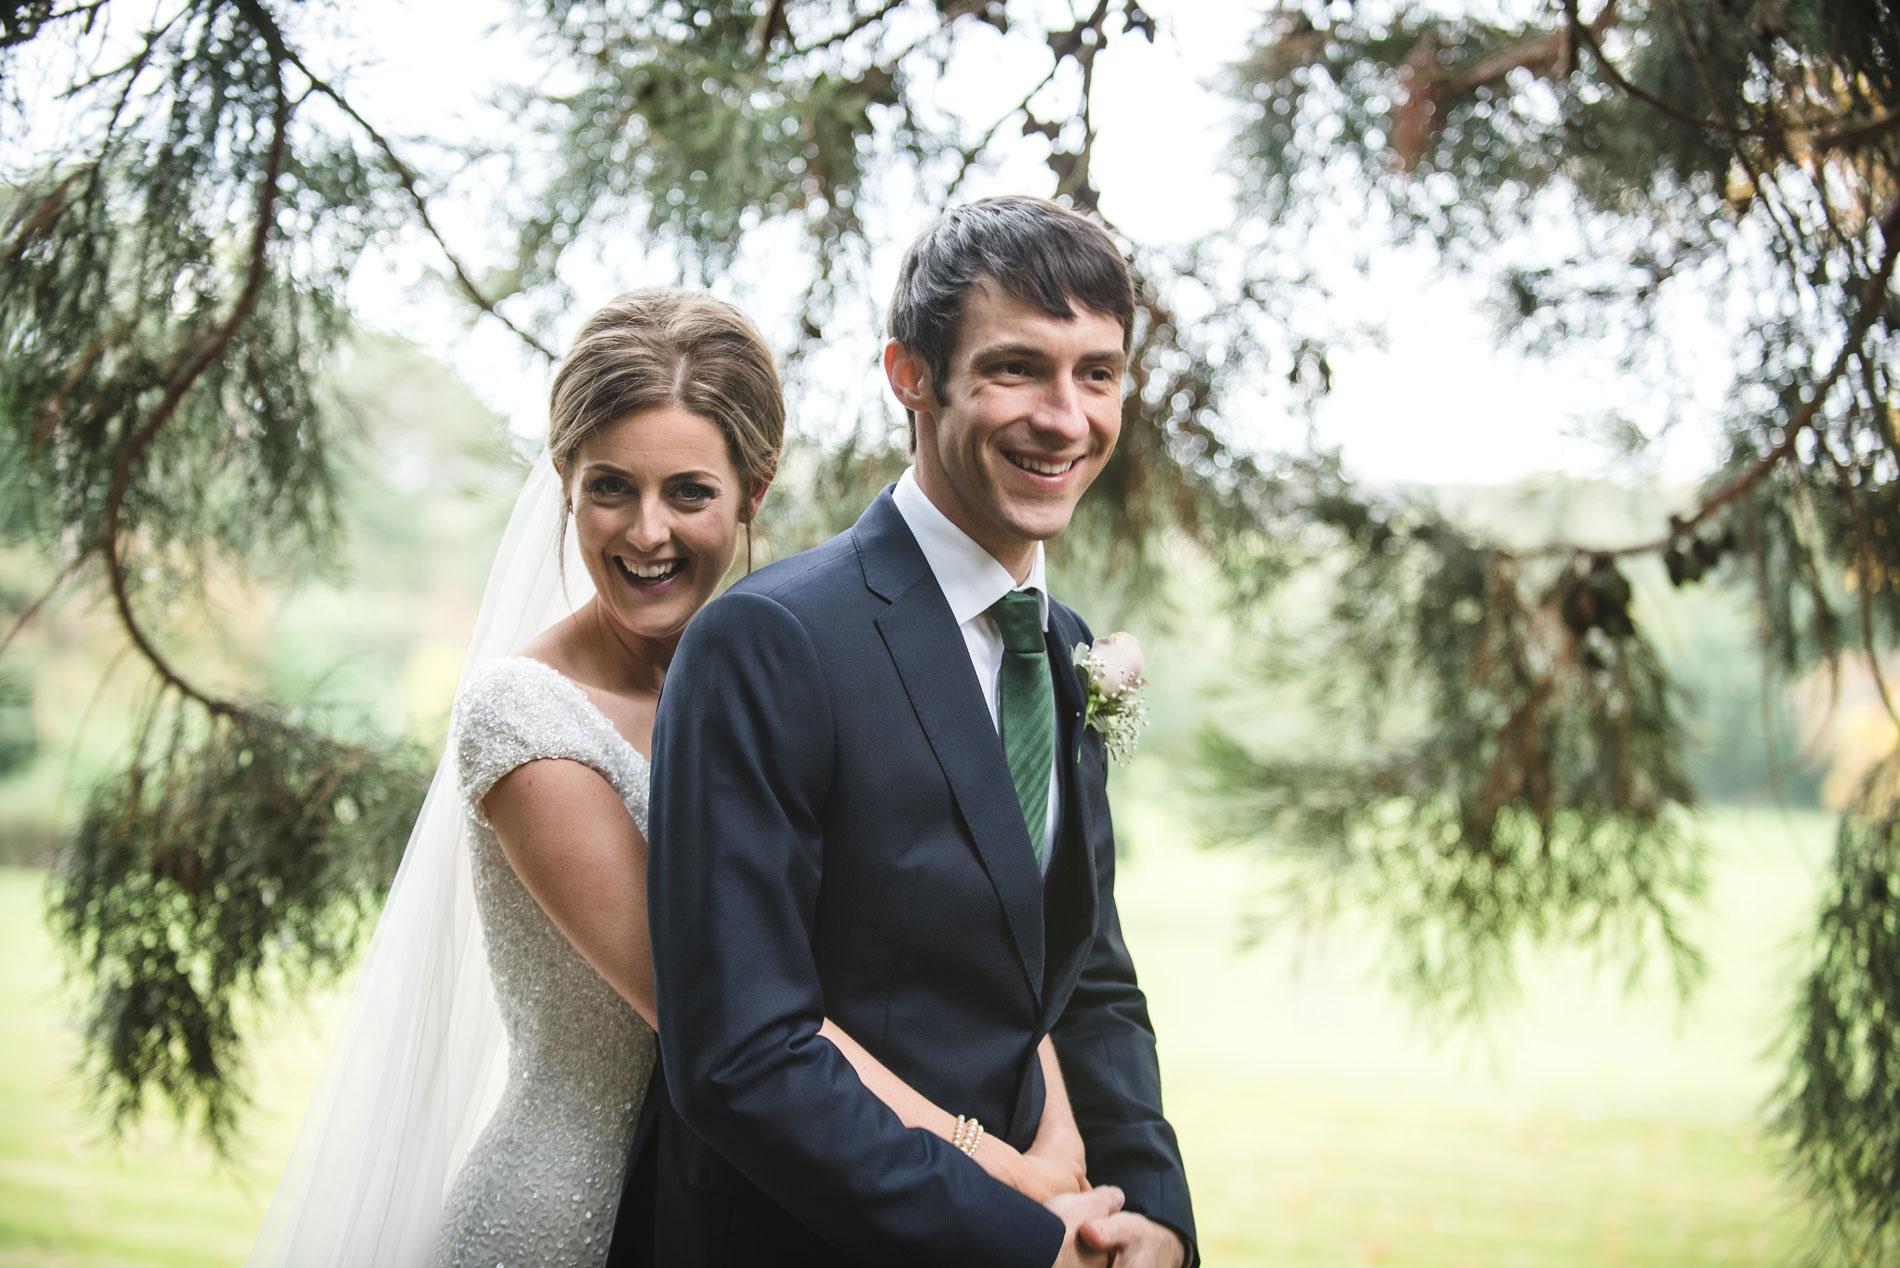 Kilworth-weddings-_47.jpg